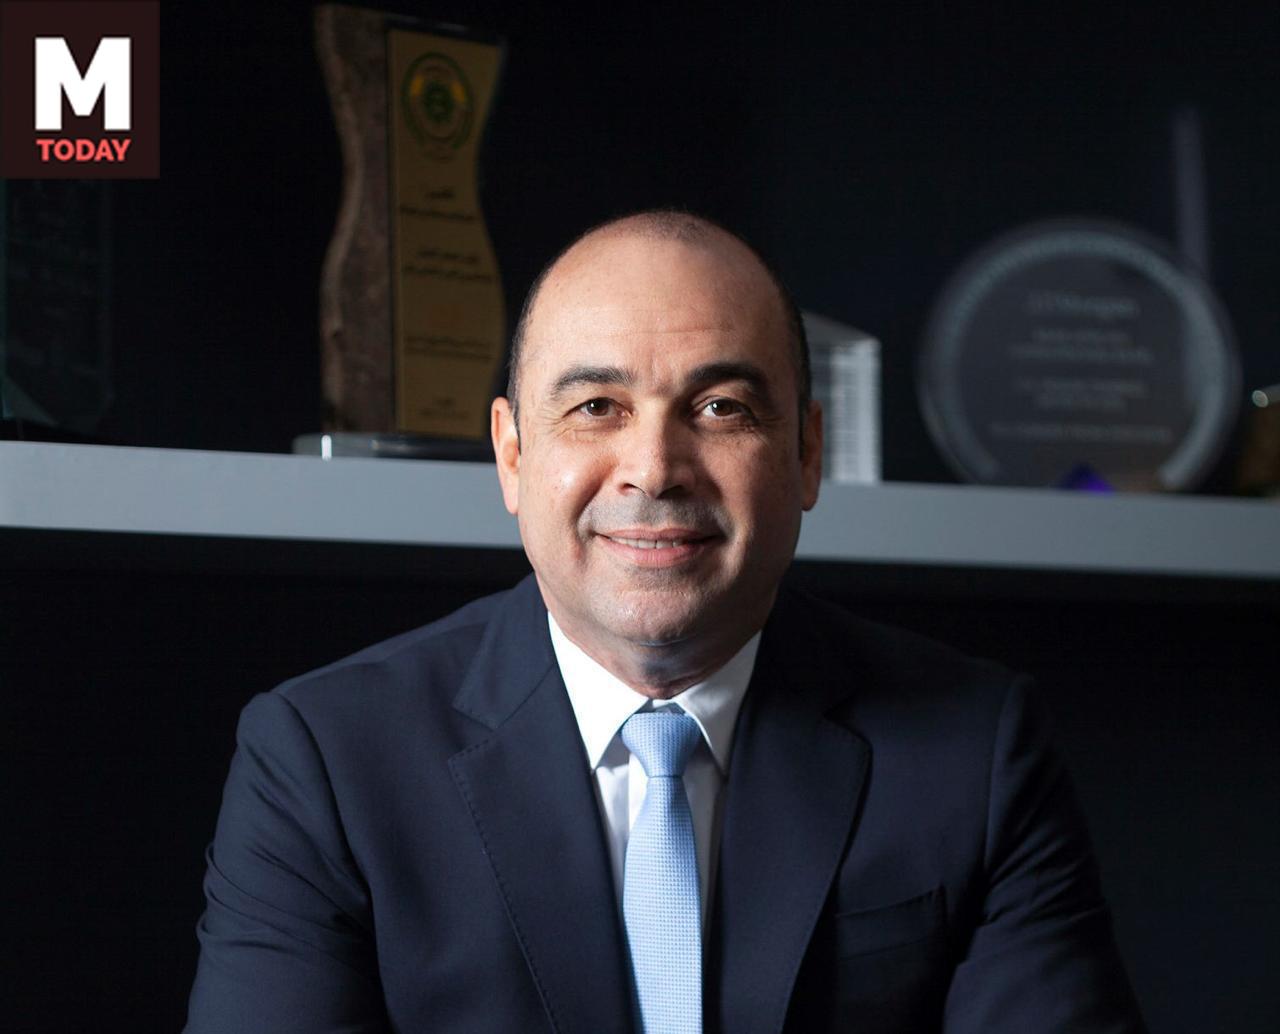 البنك العربى الافريقى الدولى يدير أكبر عملية توريق في تاريخ السوق المصرفي المصري